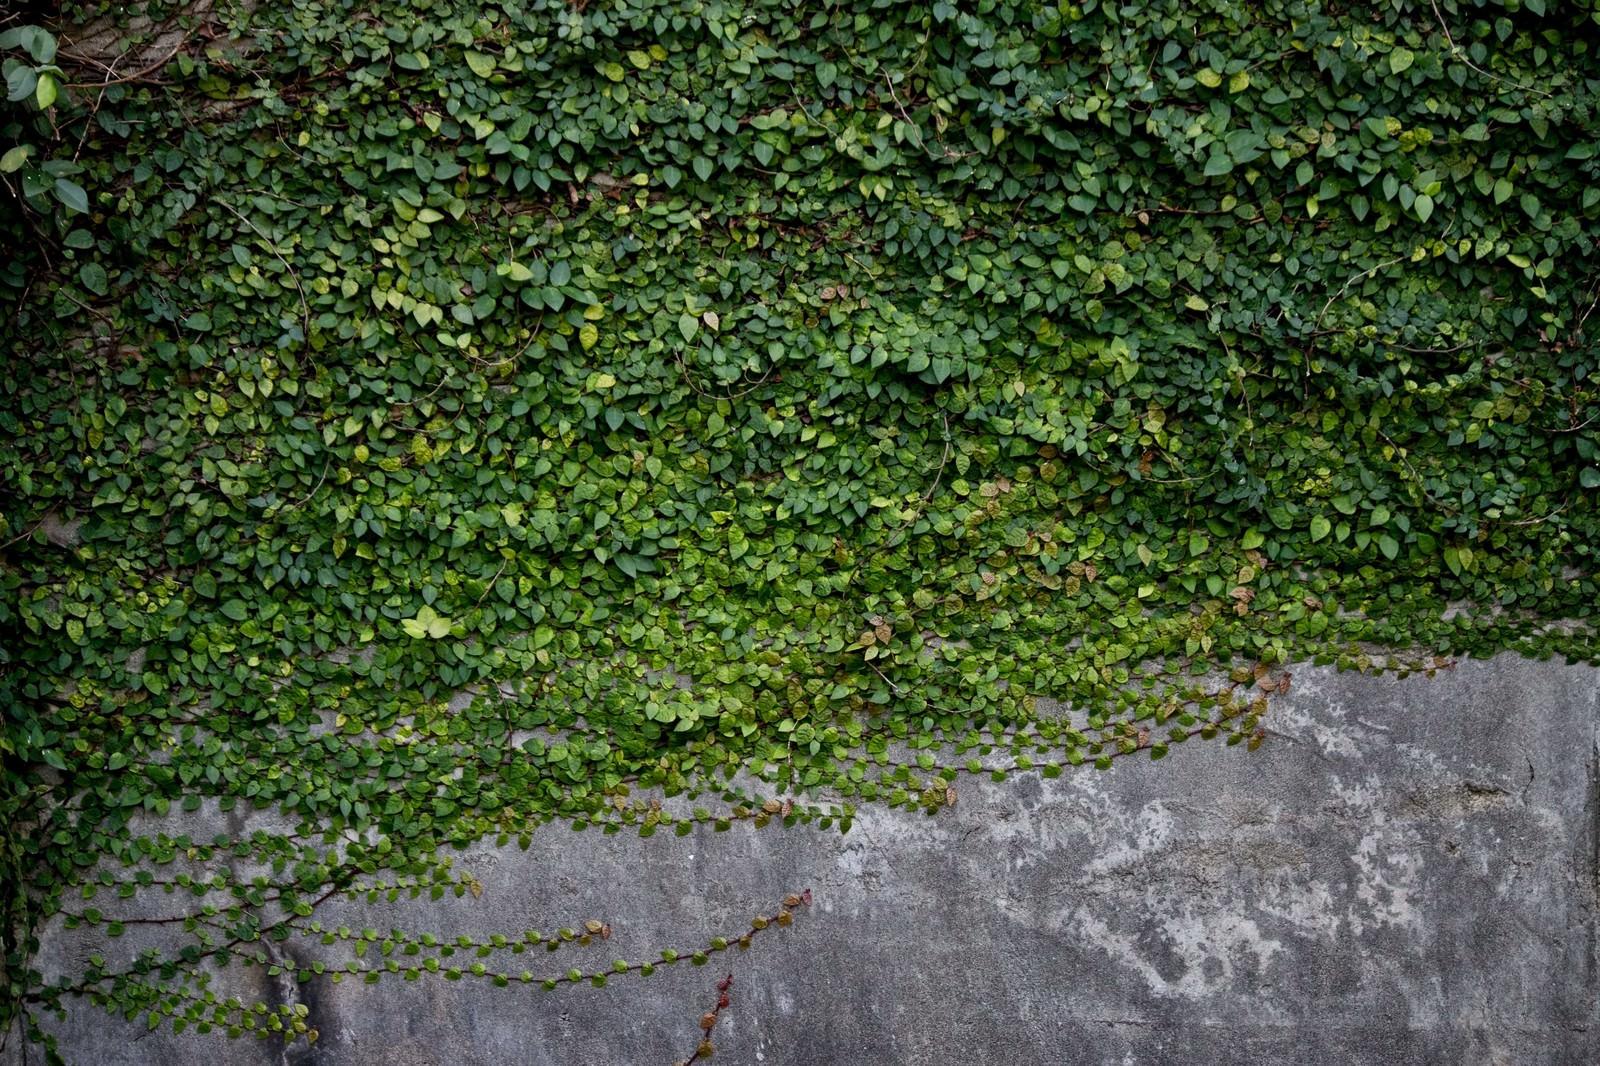 「壁を這うように伸びるツタ」の写真